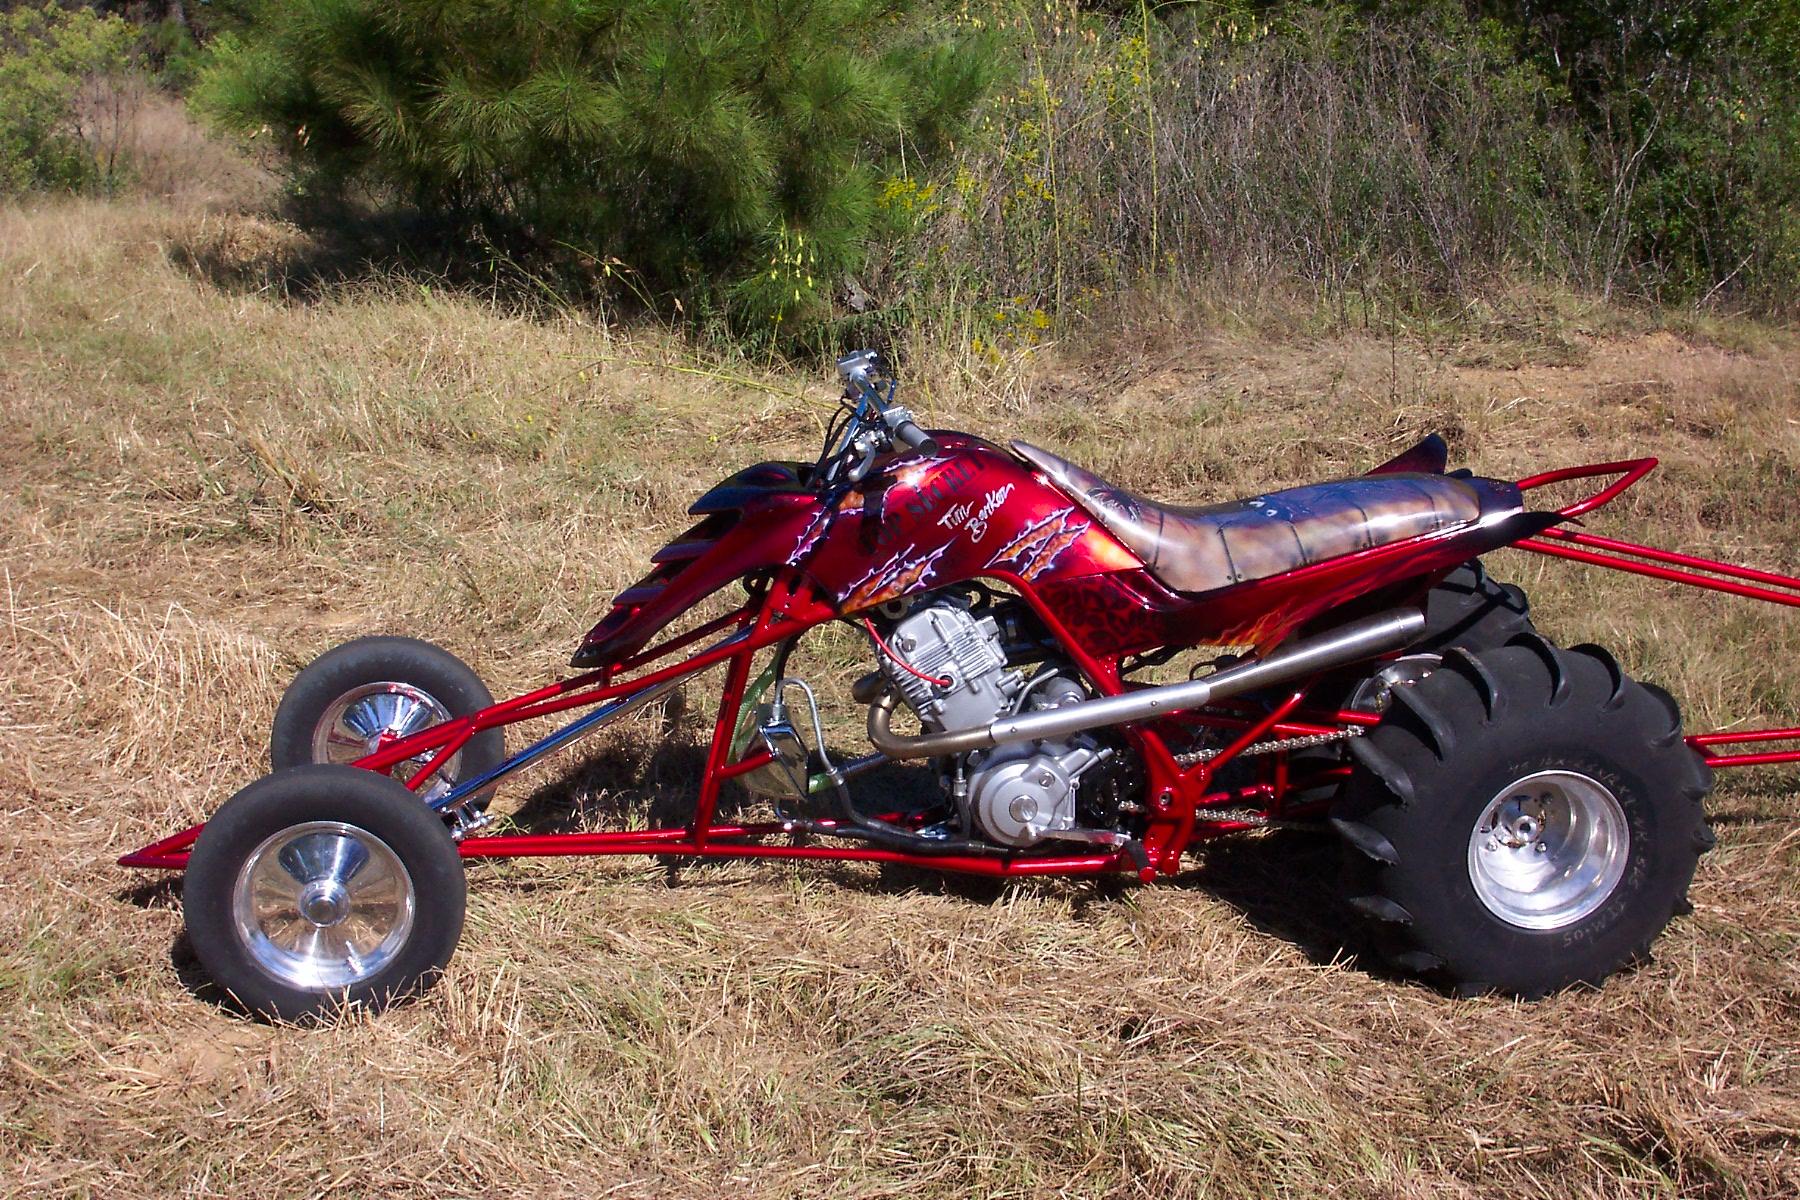 yamaha raptor atv quad offroad motorbike bike dirtbike. Black Bedroom Furniture Sets. Home Design Ideas